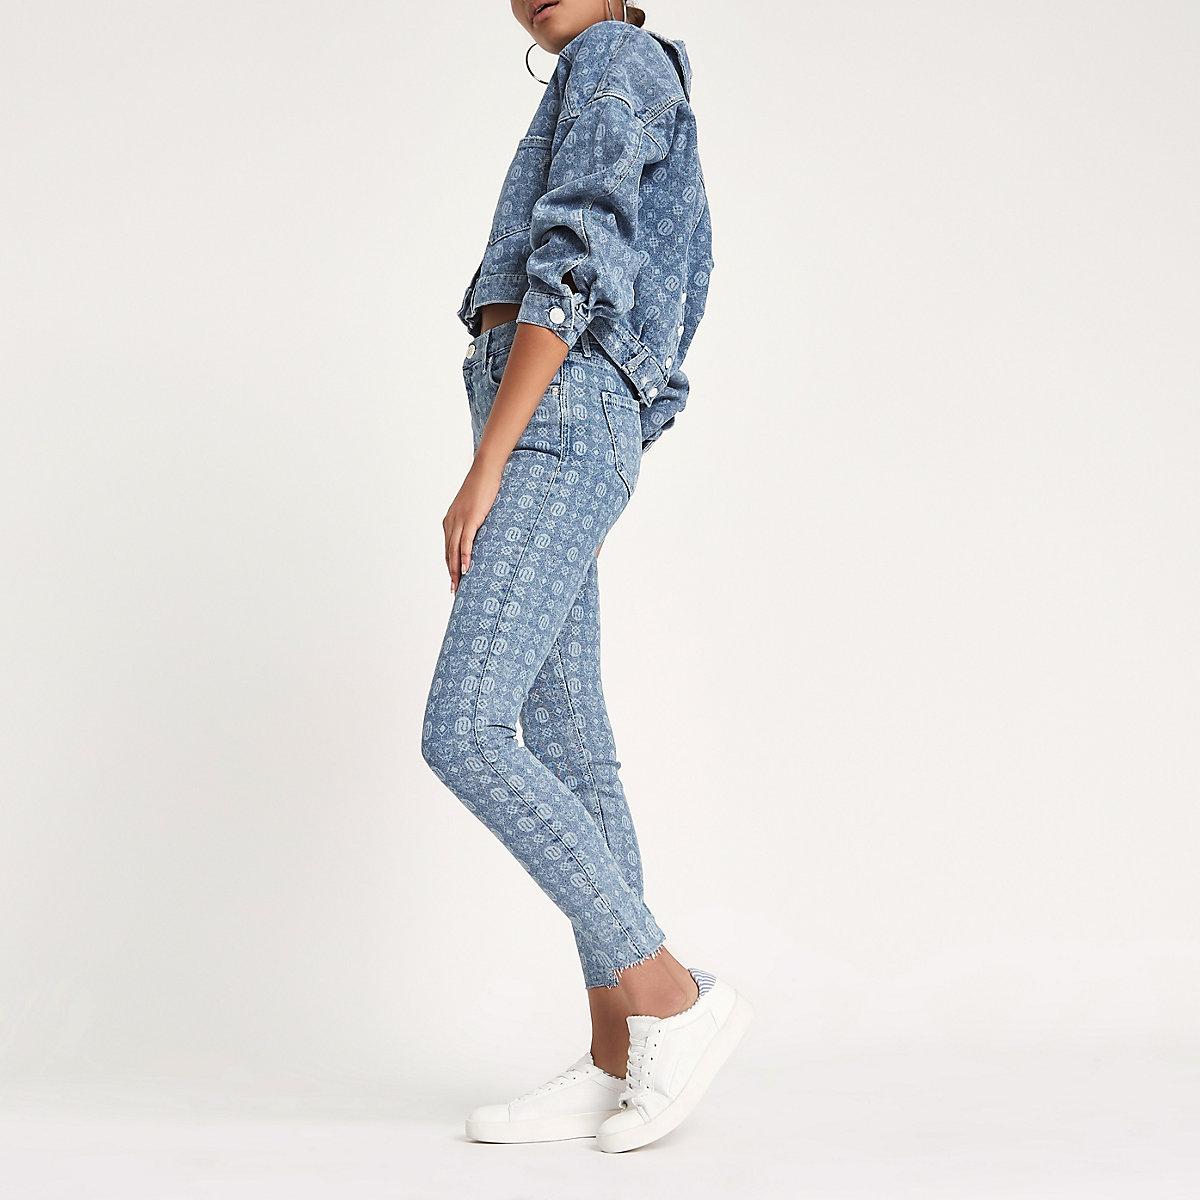 Amelie - Blauwe superskinny jeans met RI-monogram